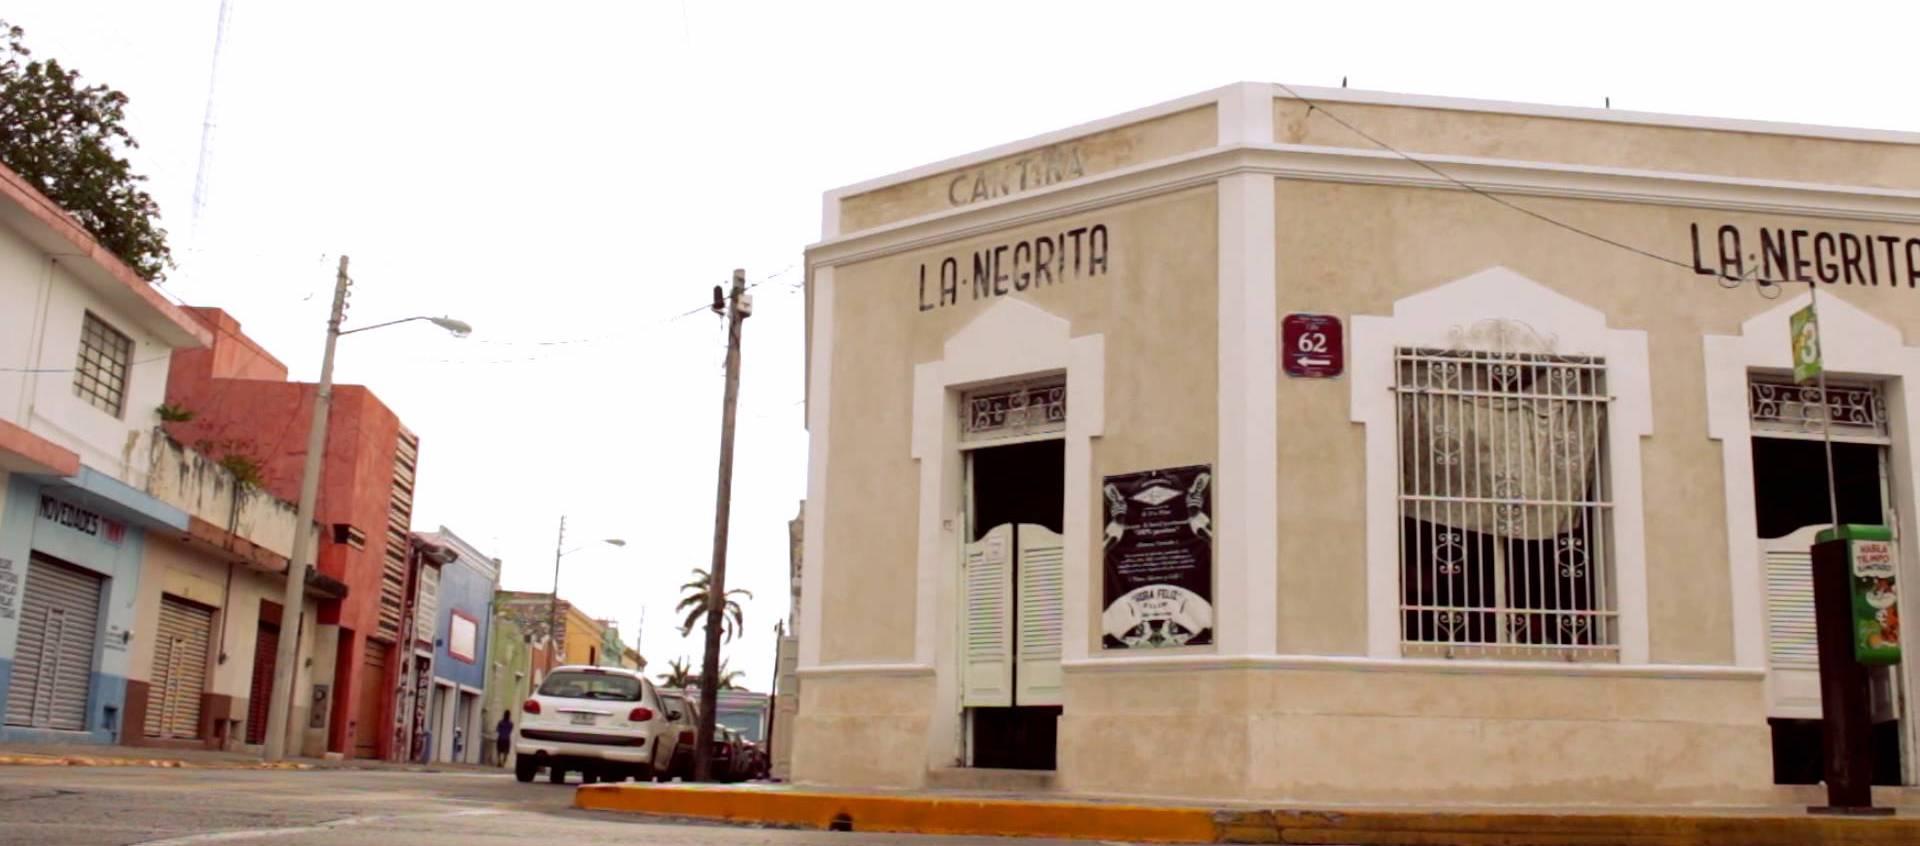 Cantina La Negrita